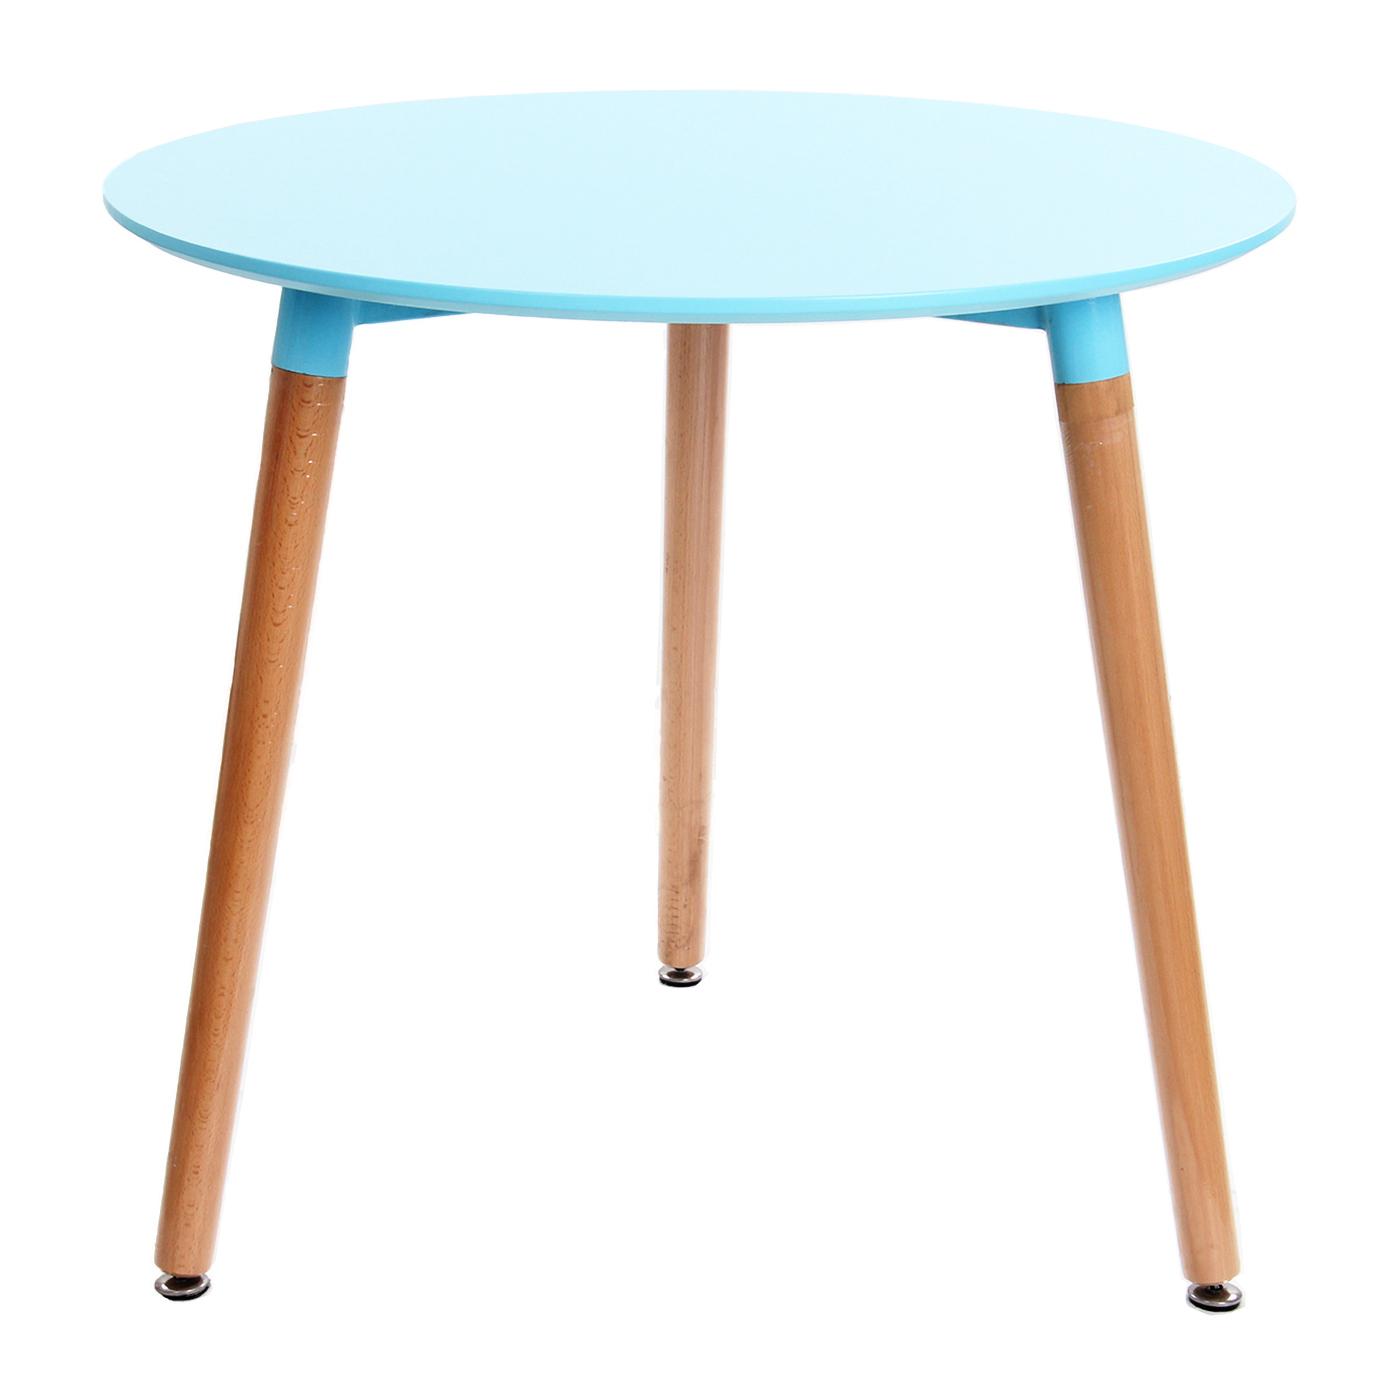 Купить Кофейный стол Лагуна на деревянных ножках, inmyroom, Китай